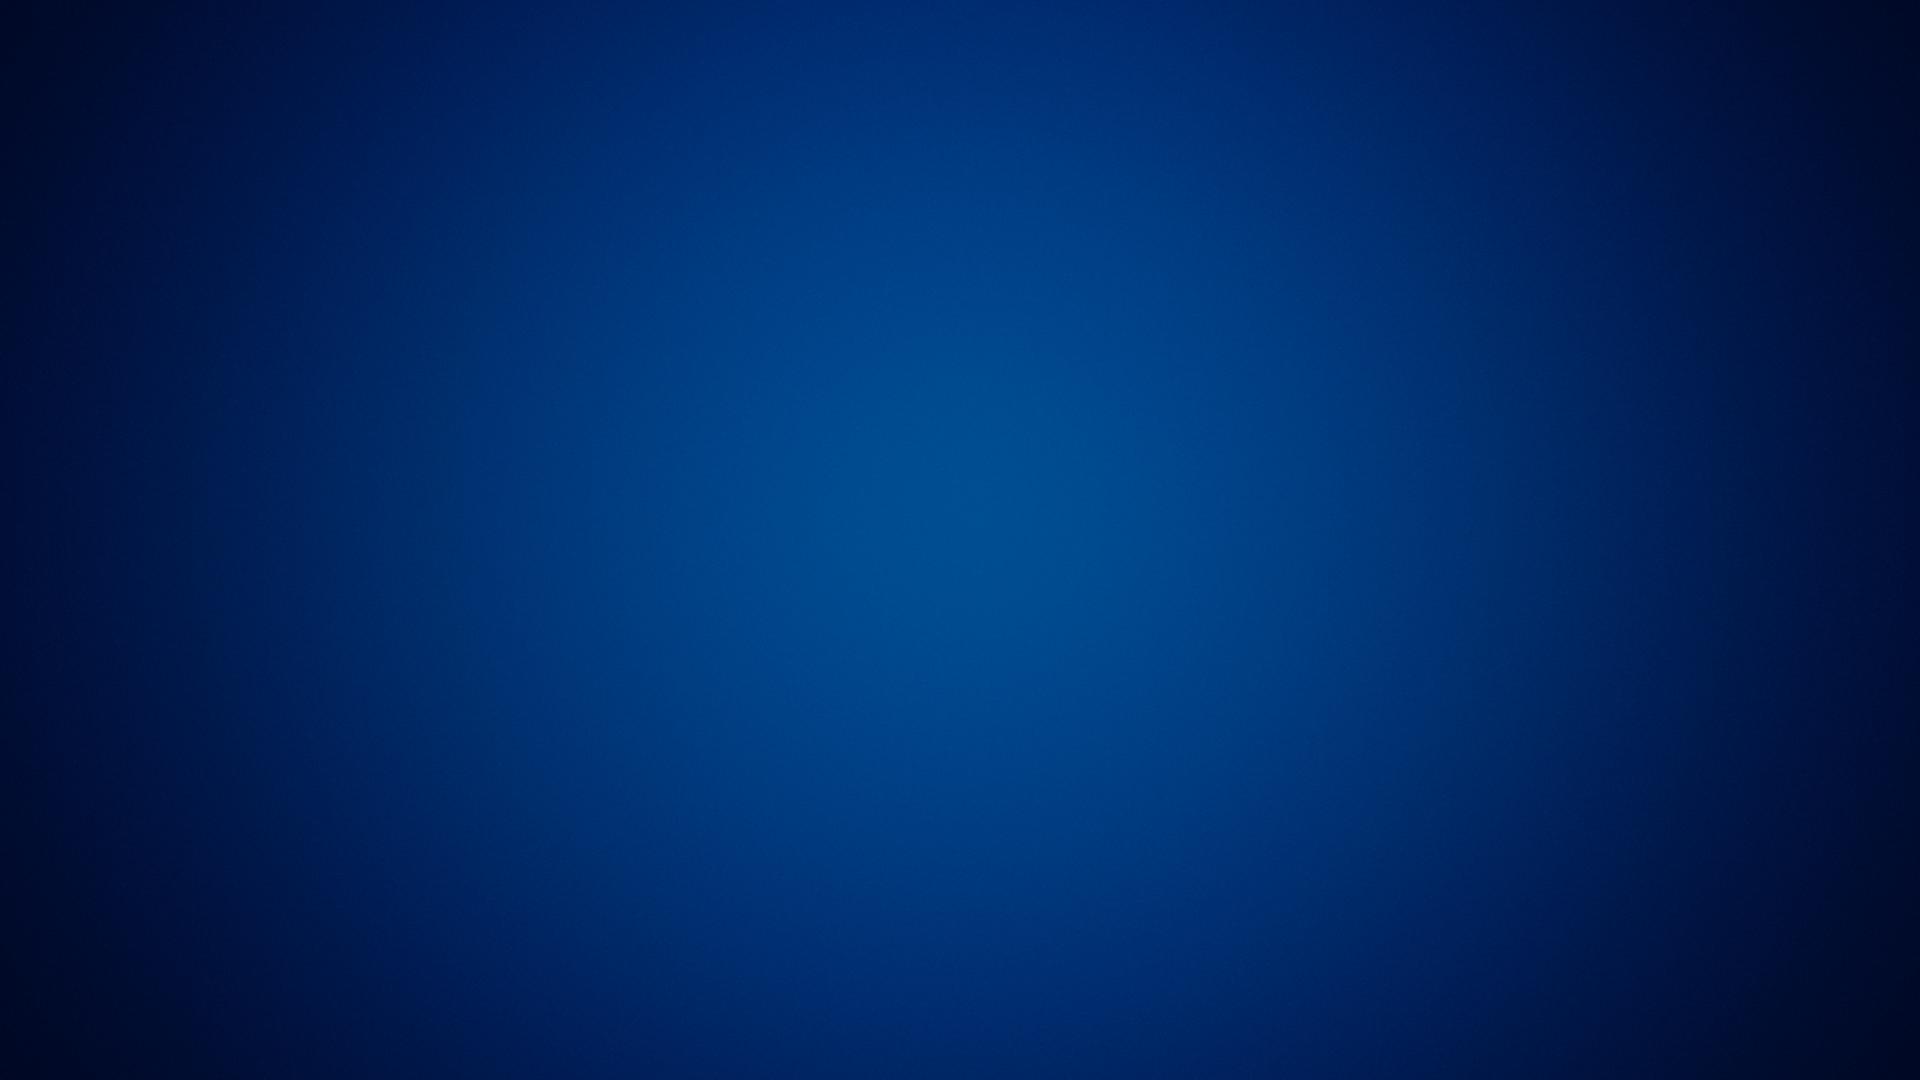 Color hd background hd screensavers hd wallpaper 1920p 1080p wallpaper 1920x1080